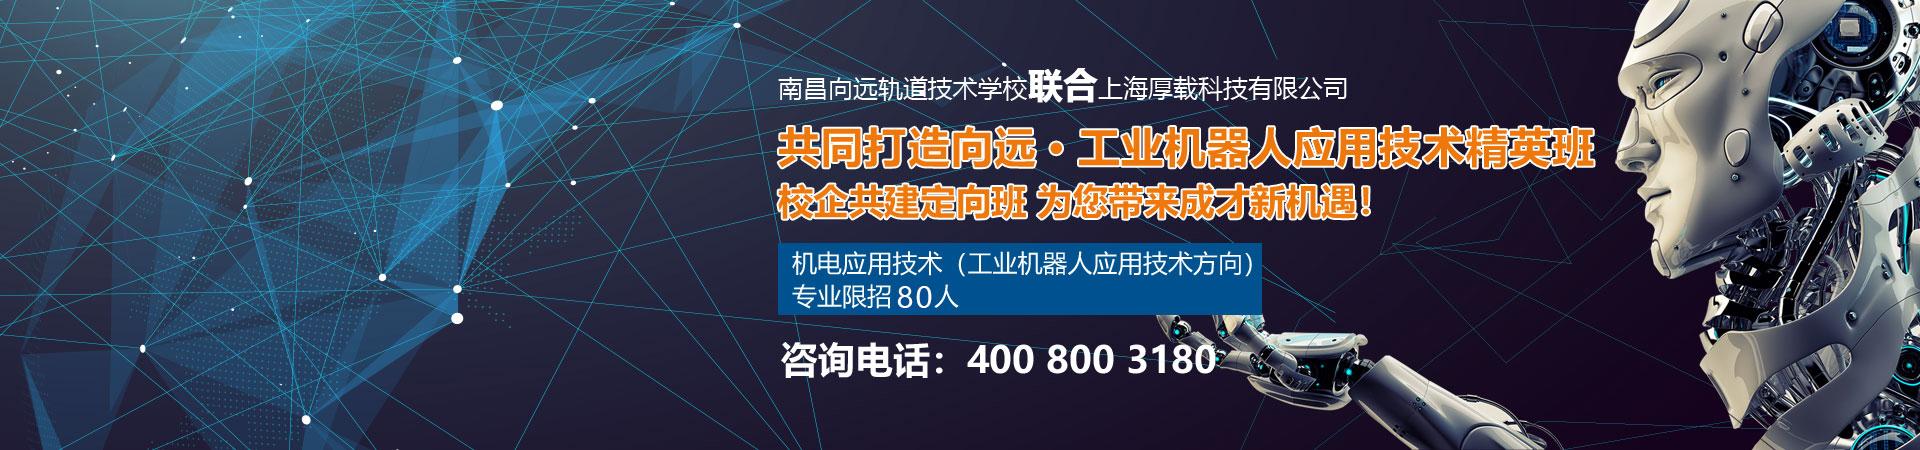 南昌轨道学校机电应用技术精英班招生